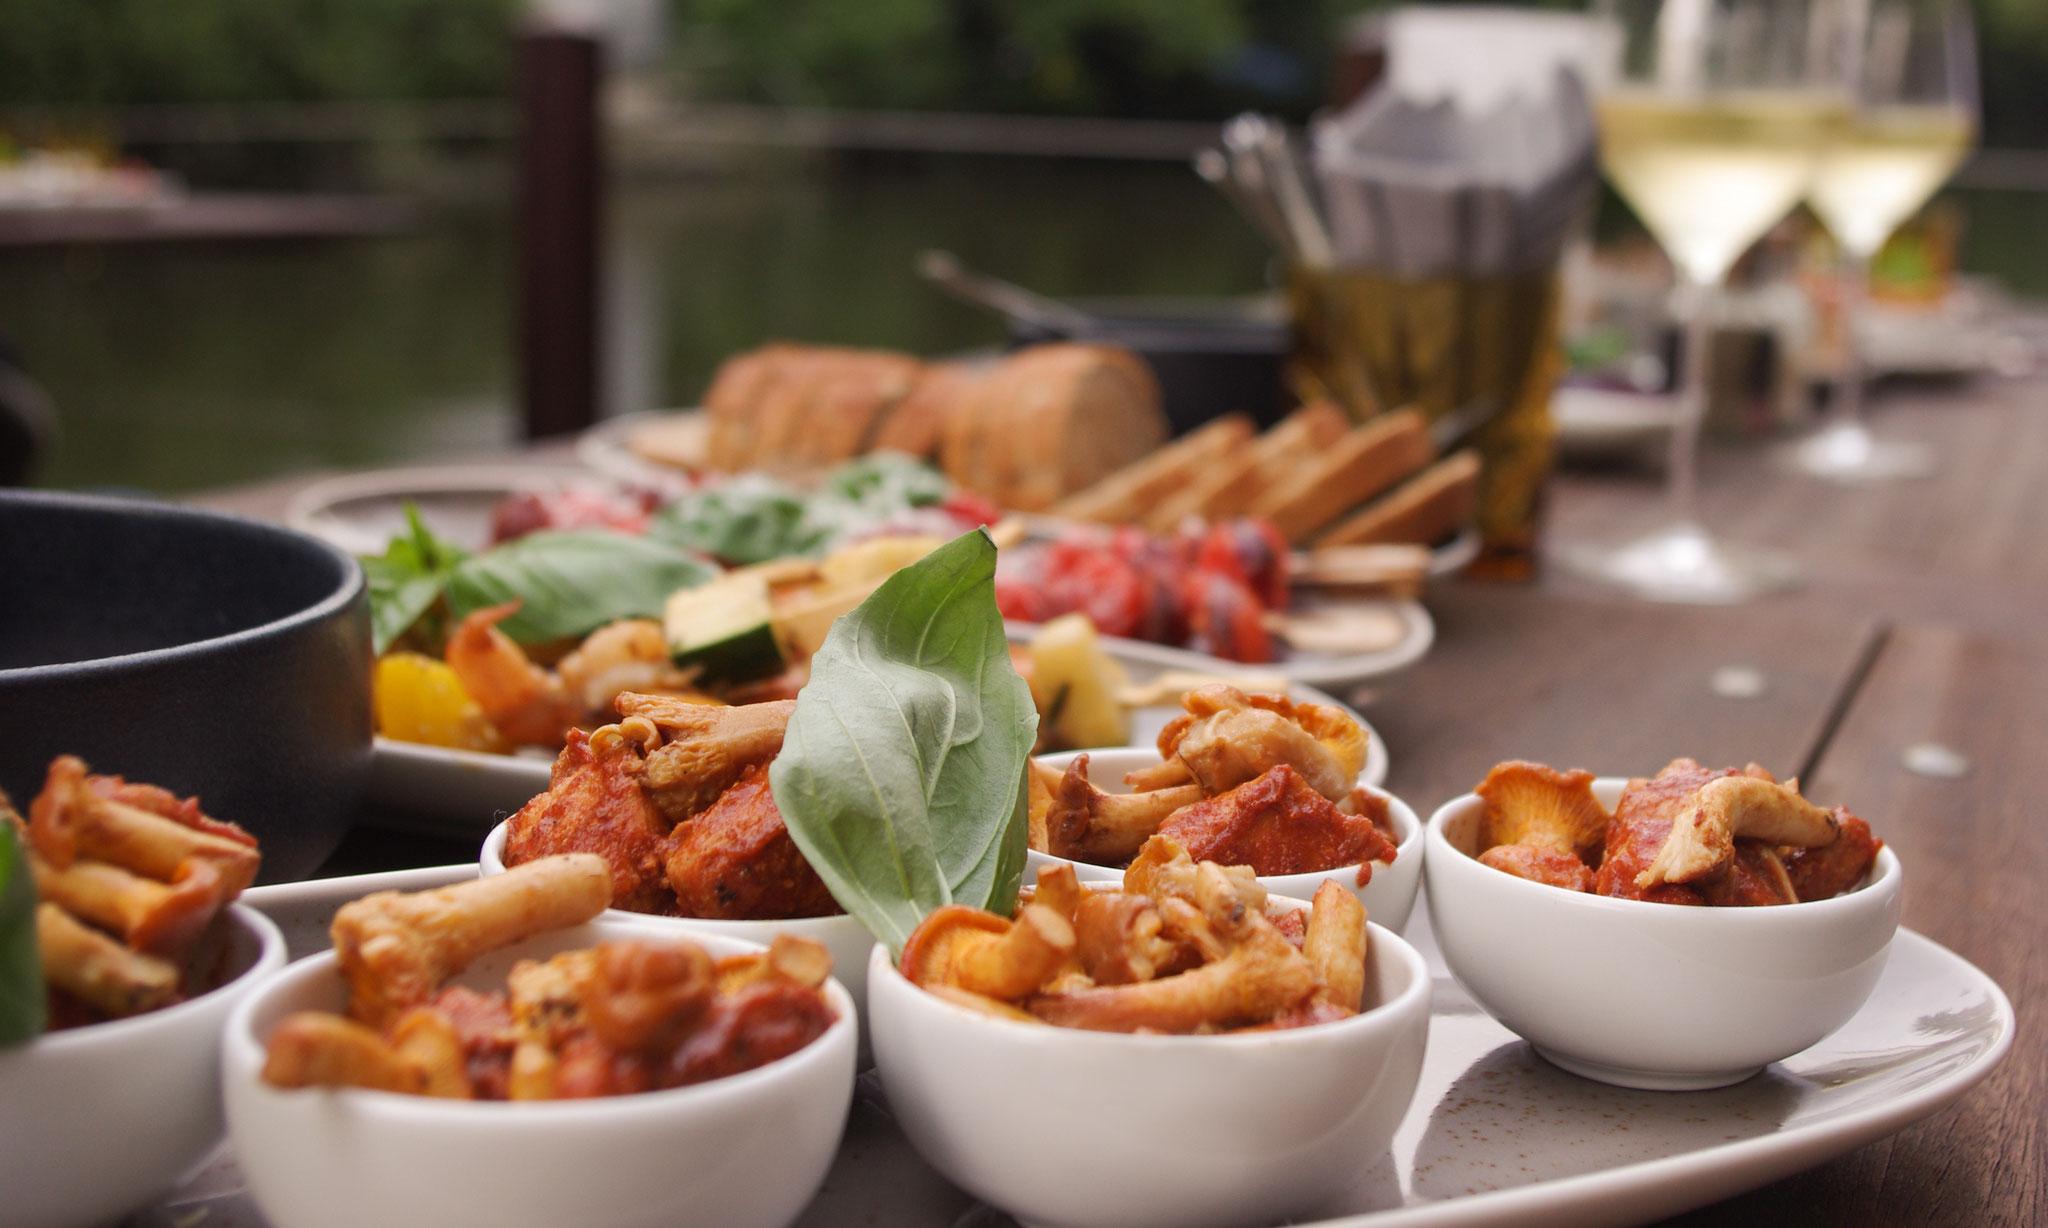 Bei uns im Restaurant legen wir Wert auf gutes saisonales Essen